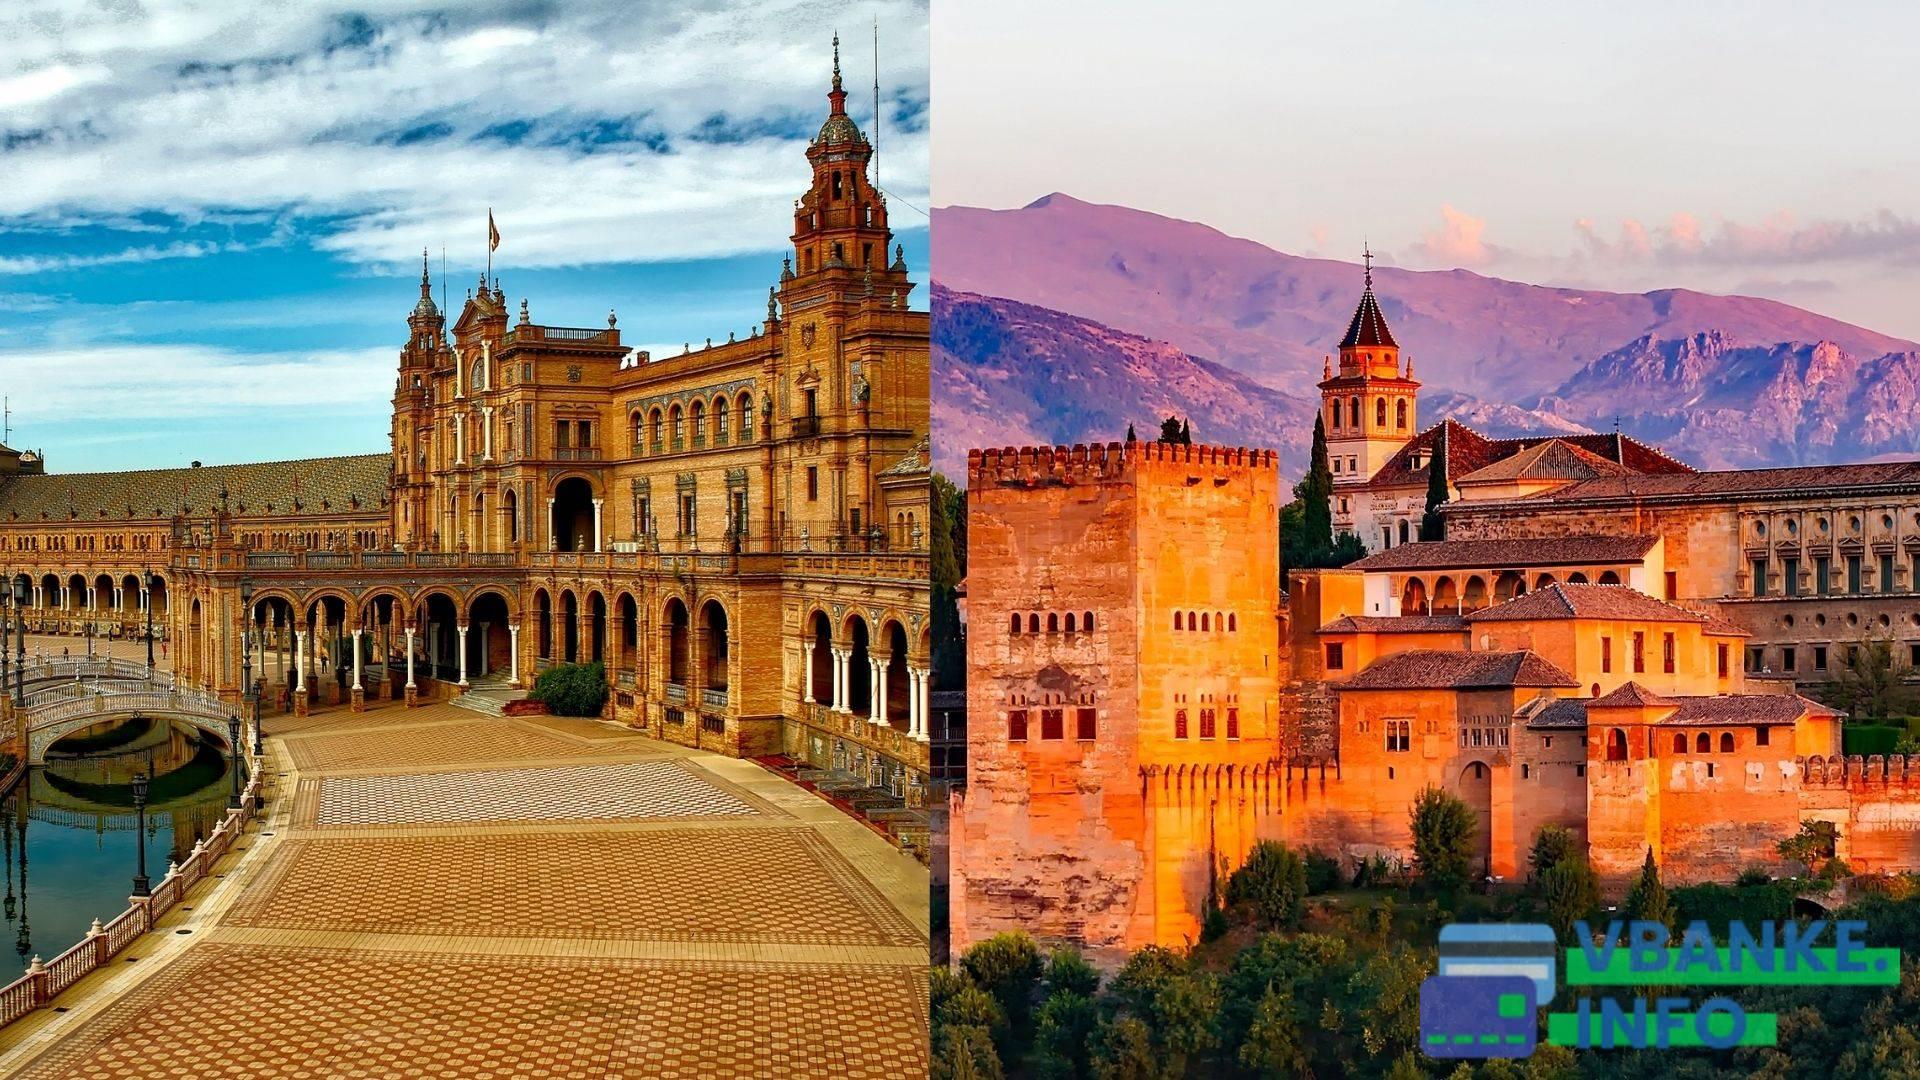 Испания открыта для российских туристов, однако попасть туда можно только с пересадками